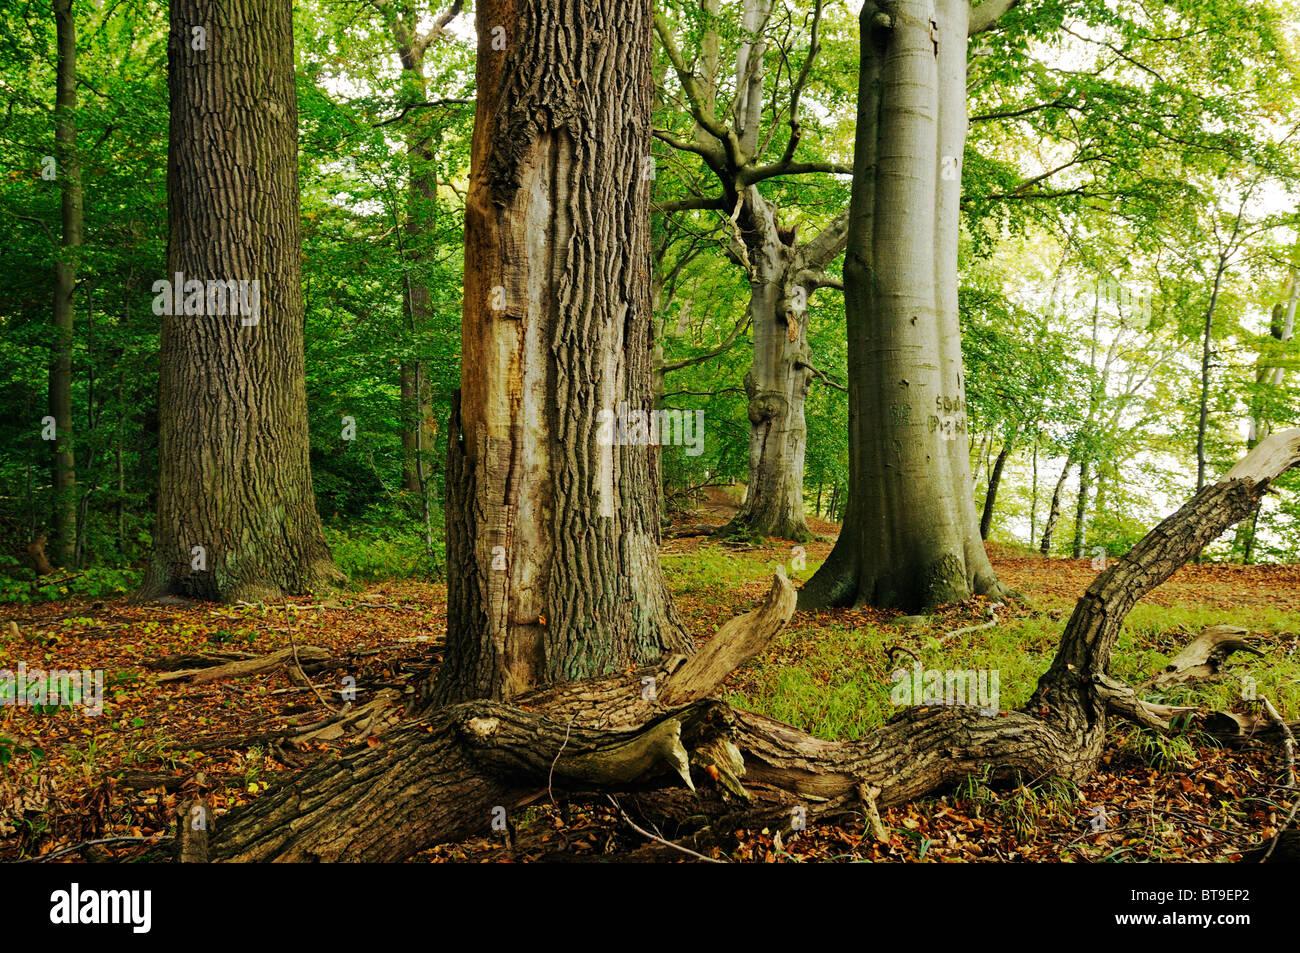 Century-old trees in the Naturschutzgebiet Insel Vilm nature reserve in the Biosphaerenreservat Suedost-Ruegen Biosphere - Stock Image